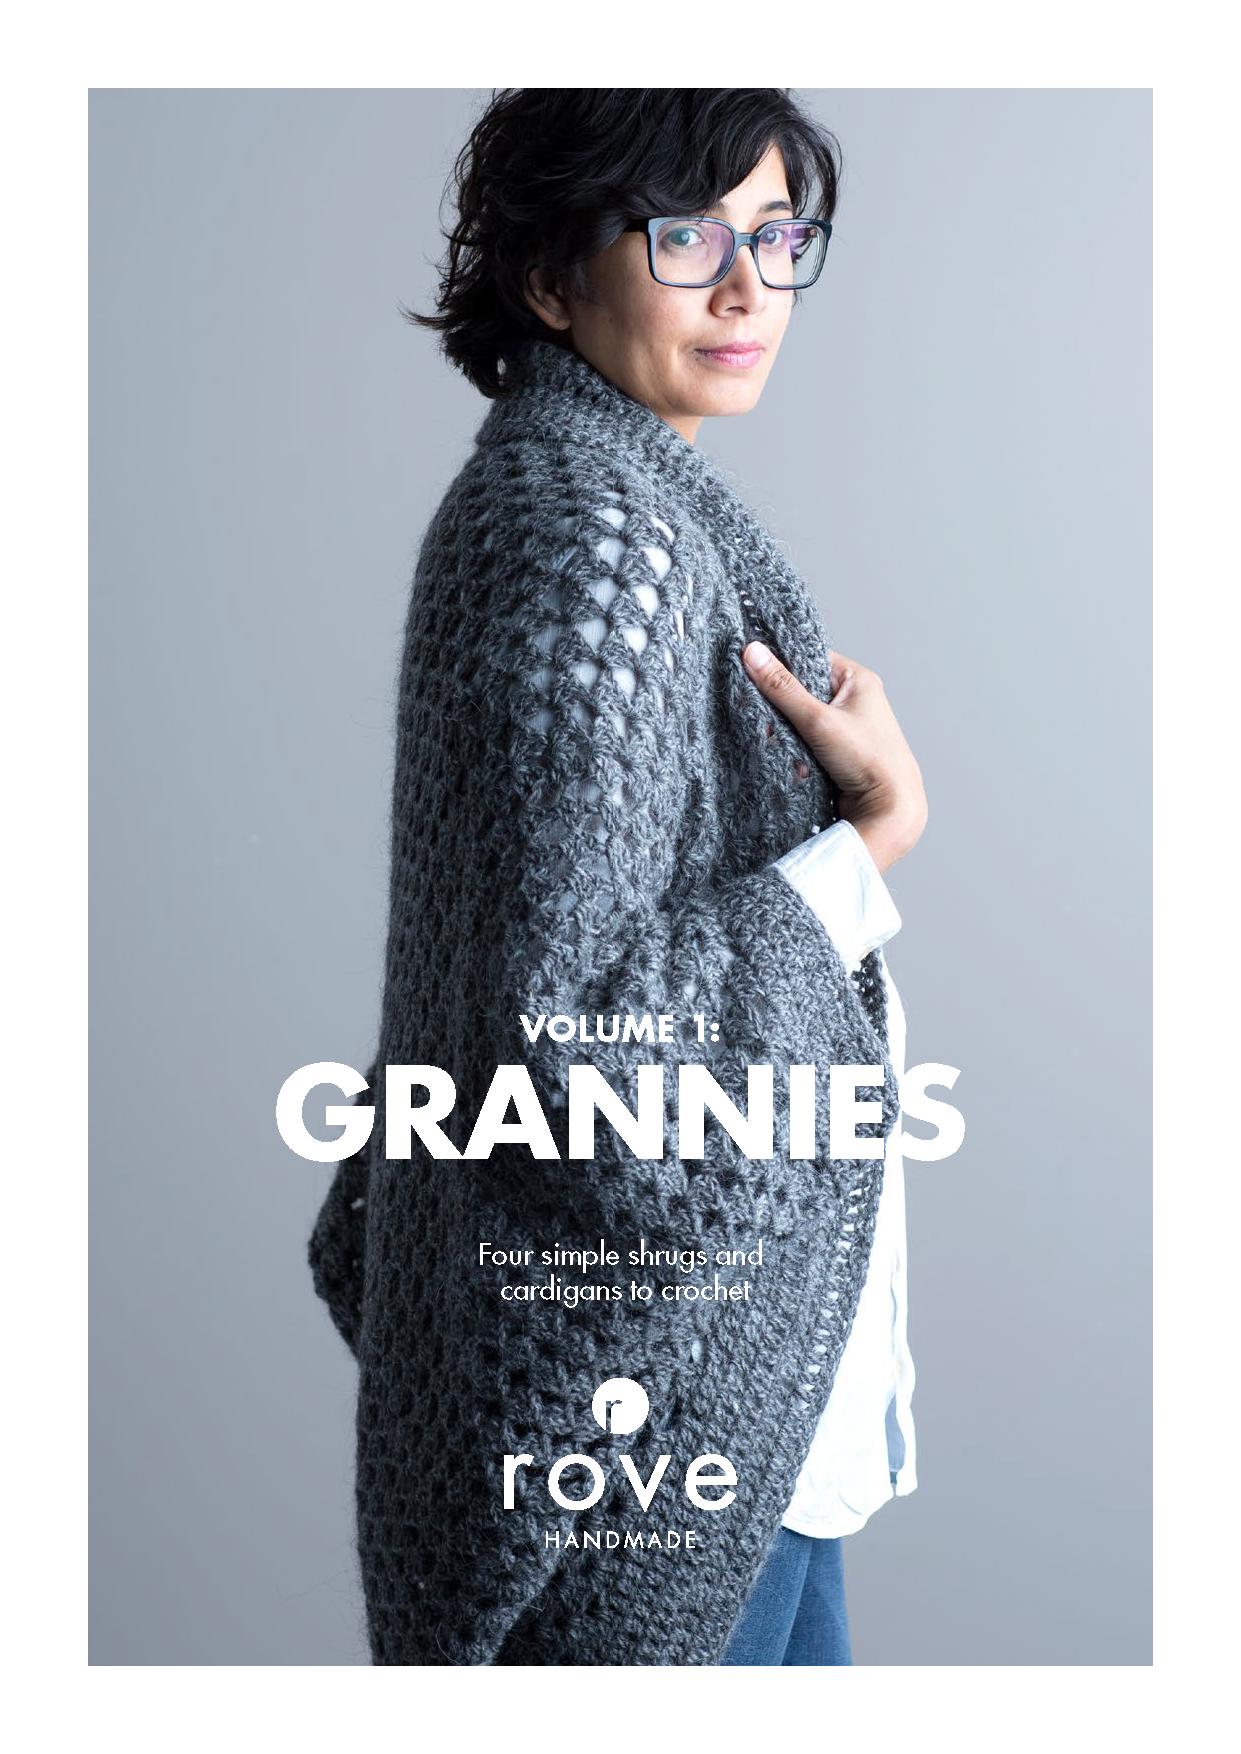 Rove_Volume1_Grannies_final_v1 1.png